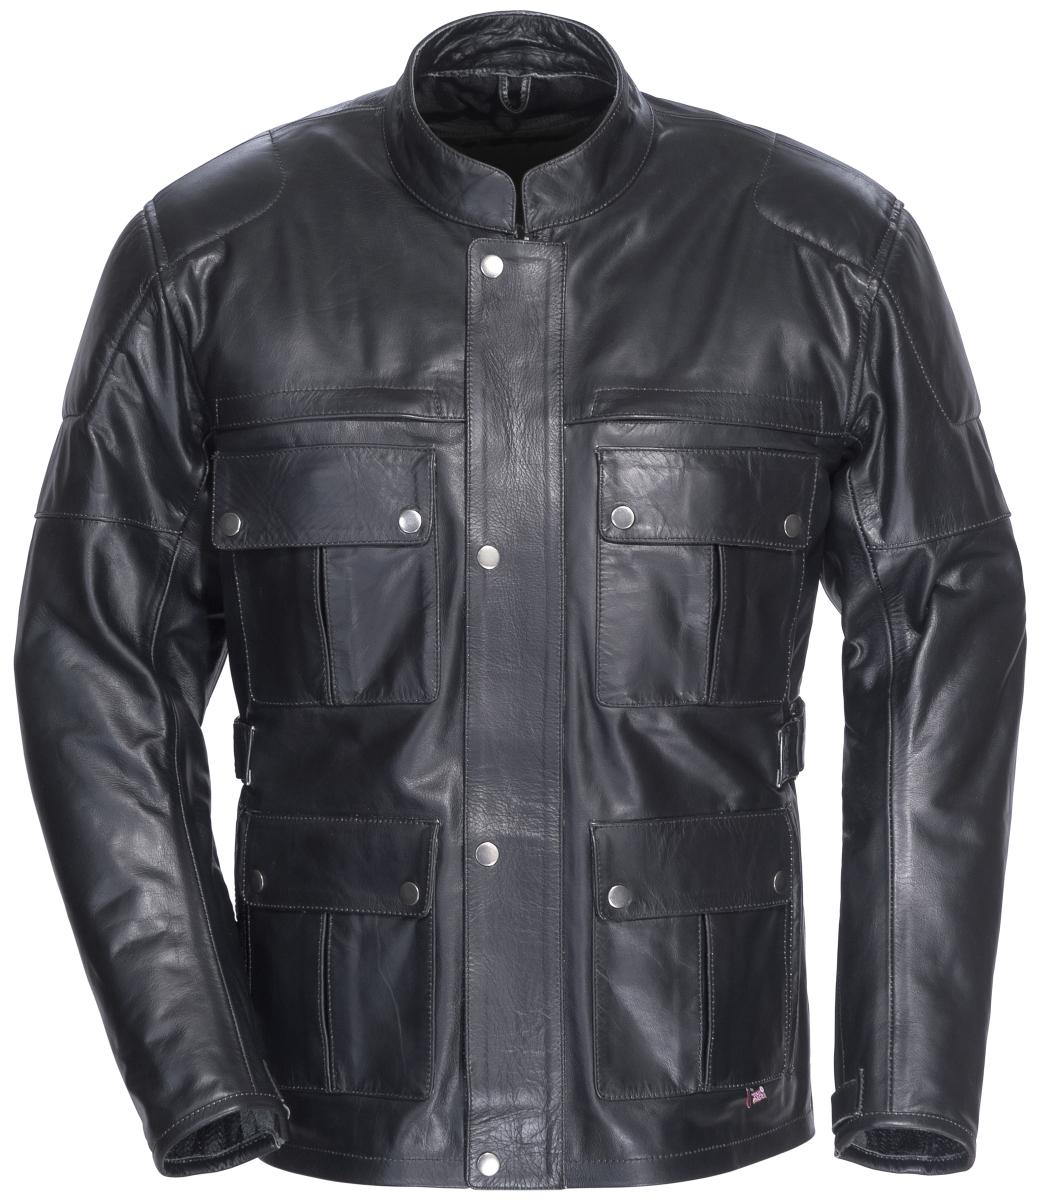 Lawndale Jacket